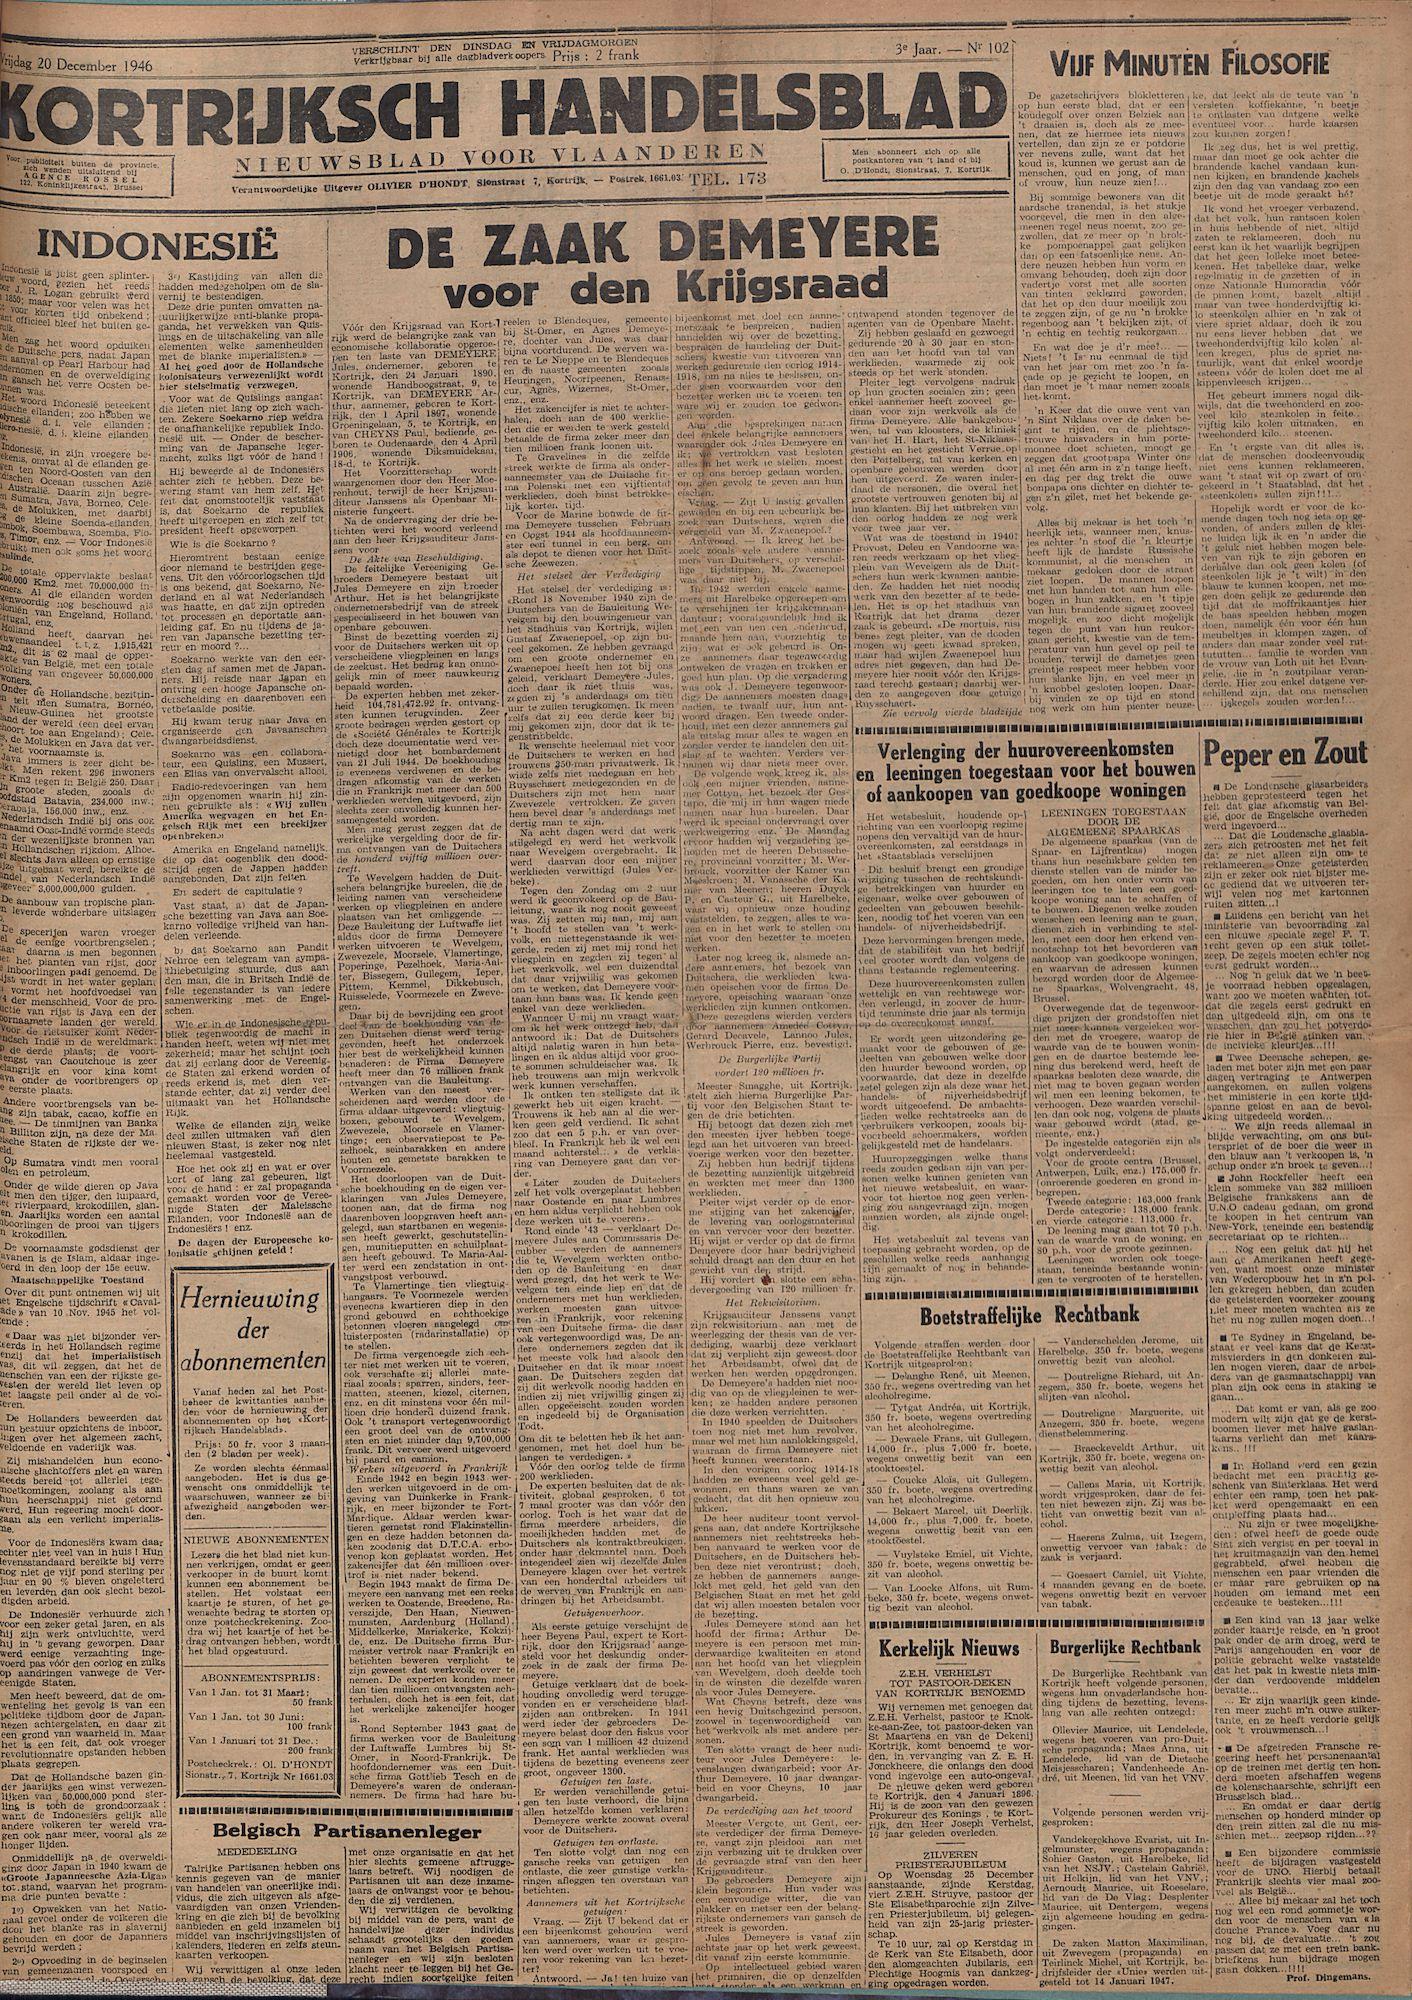 Kortrijksch Handelsblad 20 december 1946 Nr102 p1